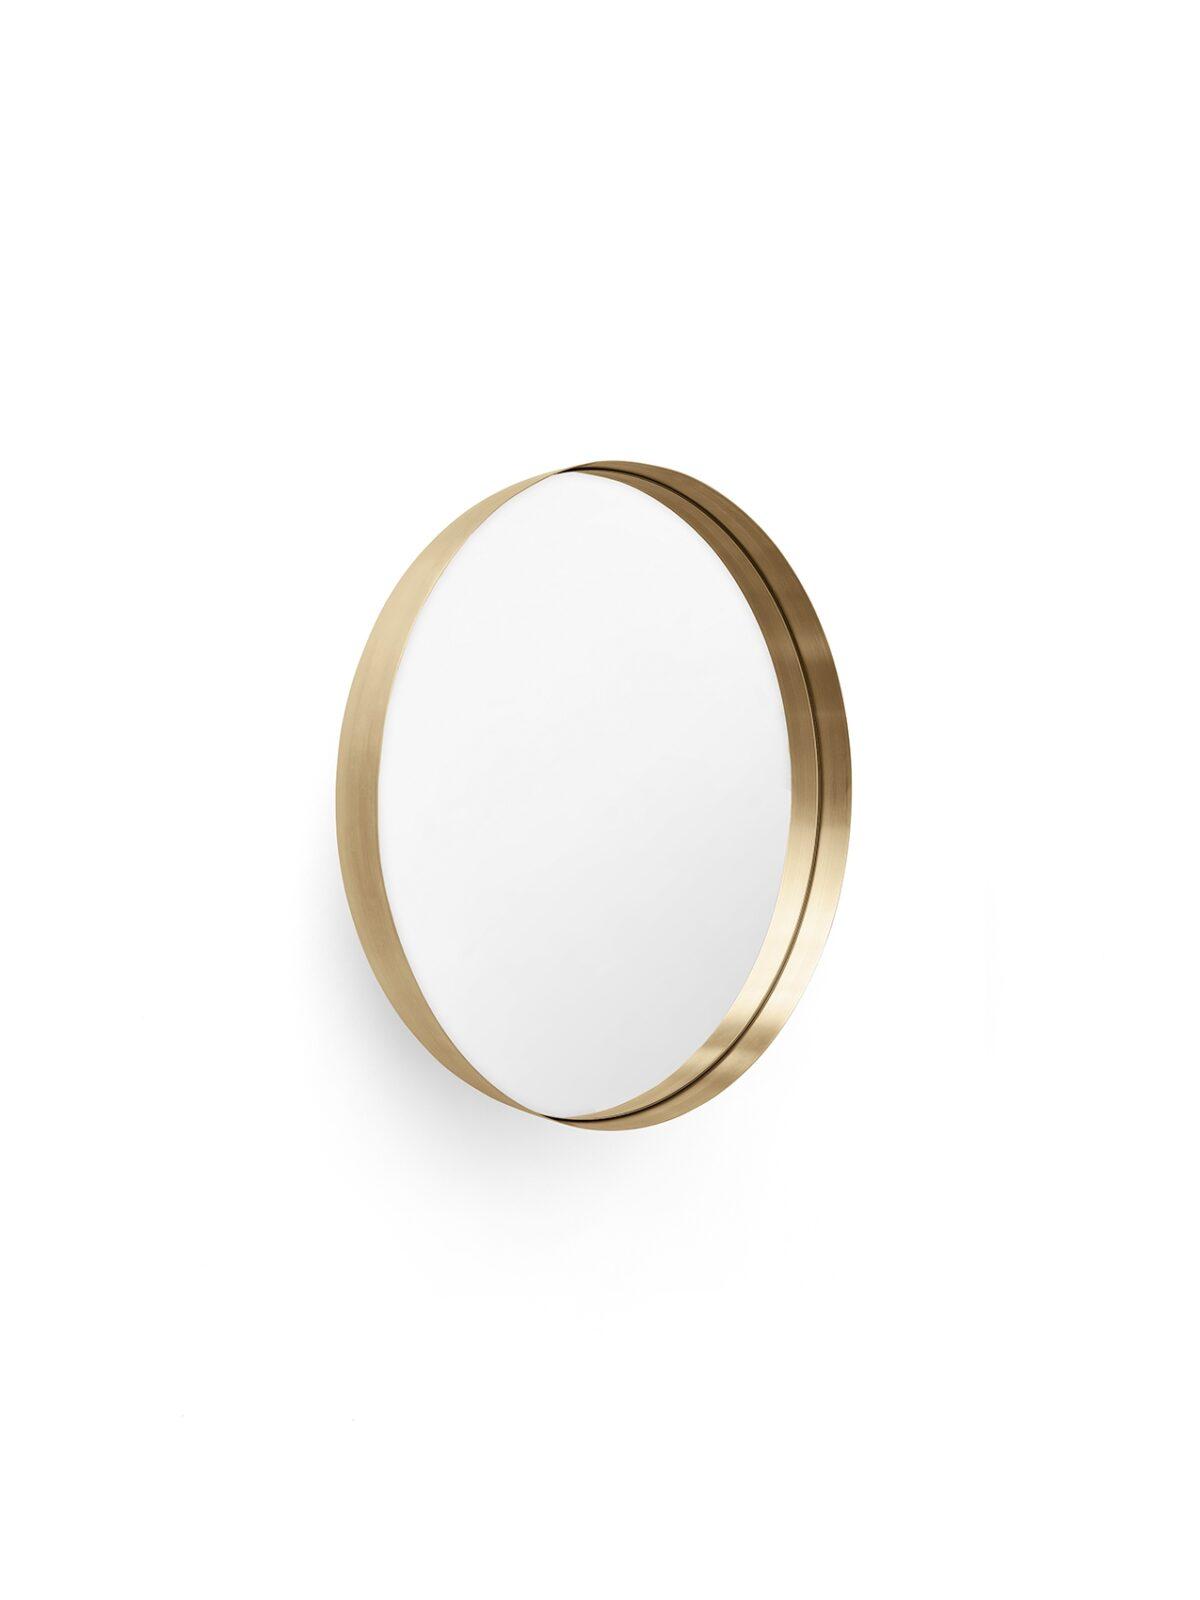 8012839 Darkly mirror L Brushed brass Pack 12019 06 27 15 21 53 913